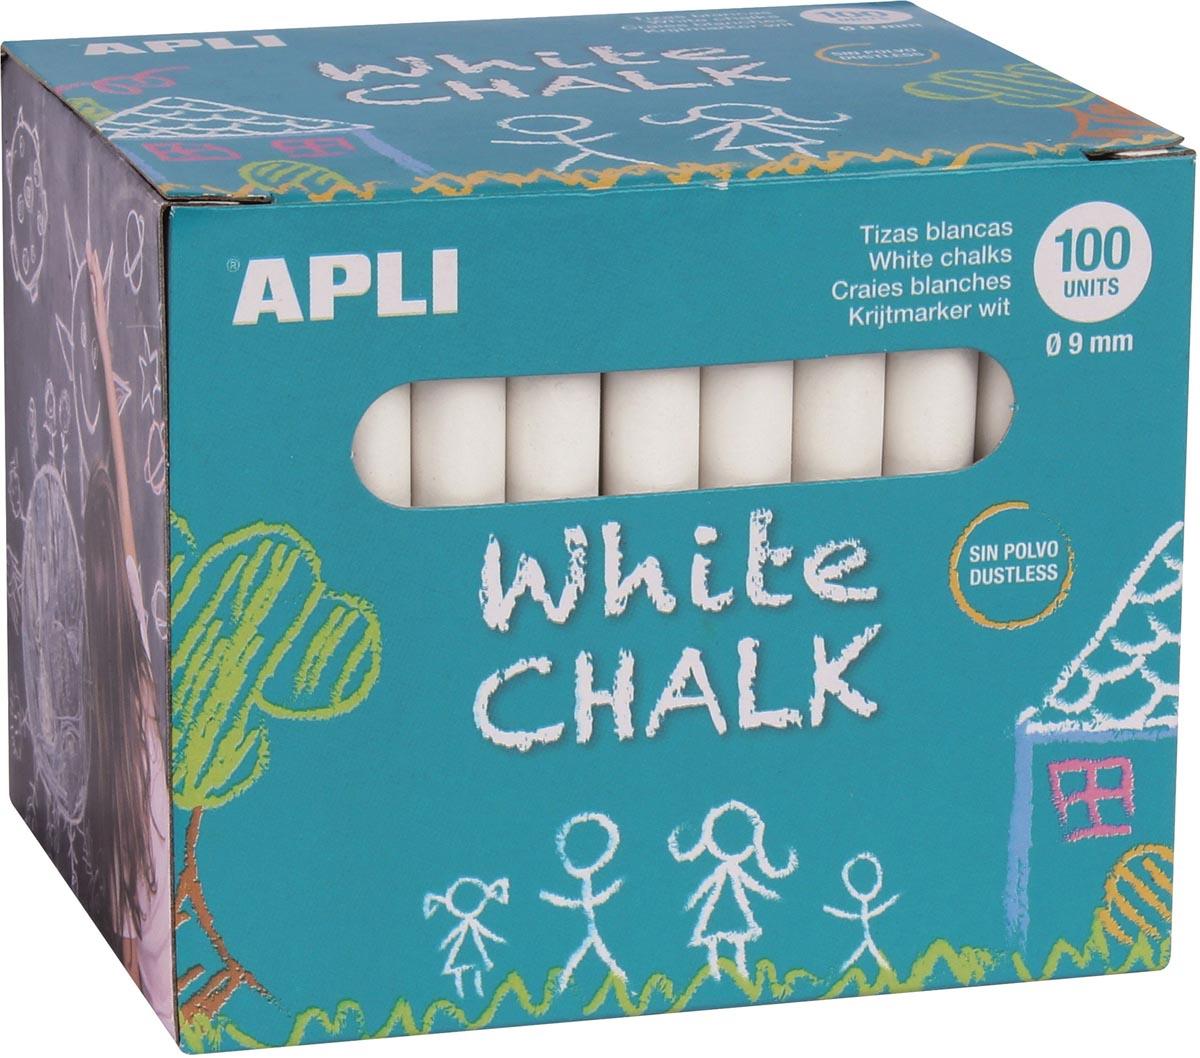 Apli bordkrijt, doos van 100 stuks, wit